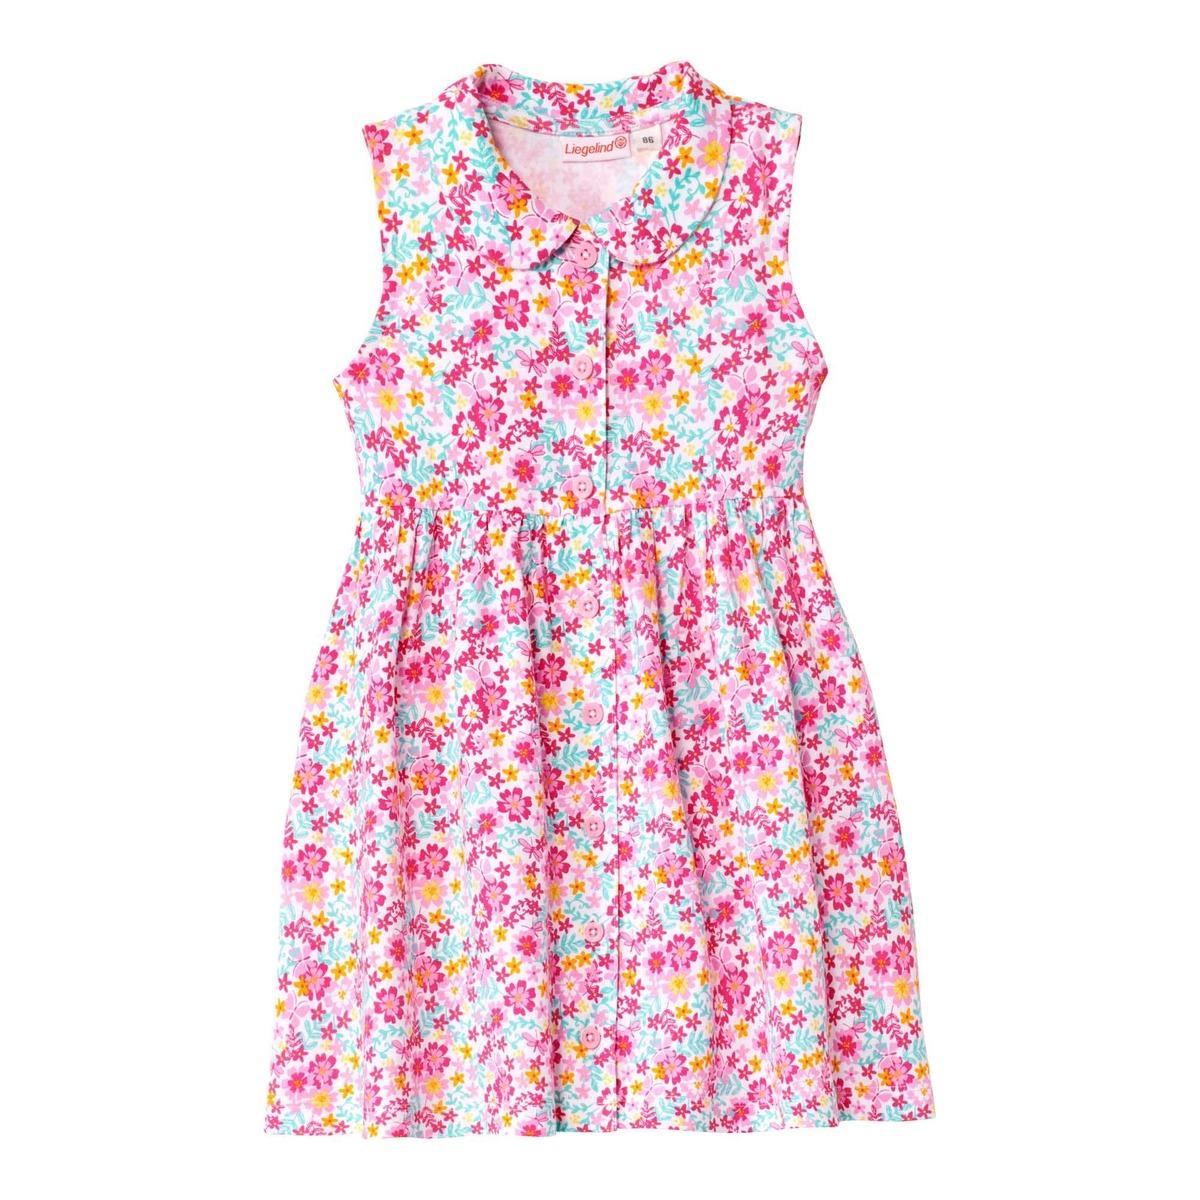 Bild 1 von Baby-Mädchen-Kleid mit farbenfrohem Blumenmuster